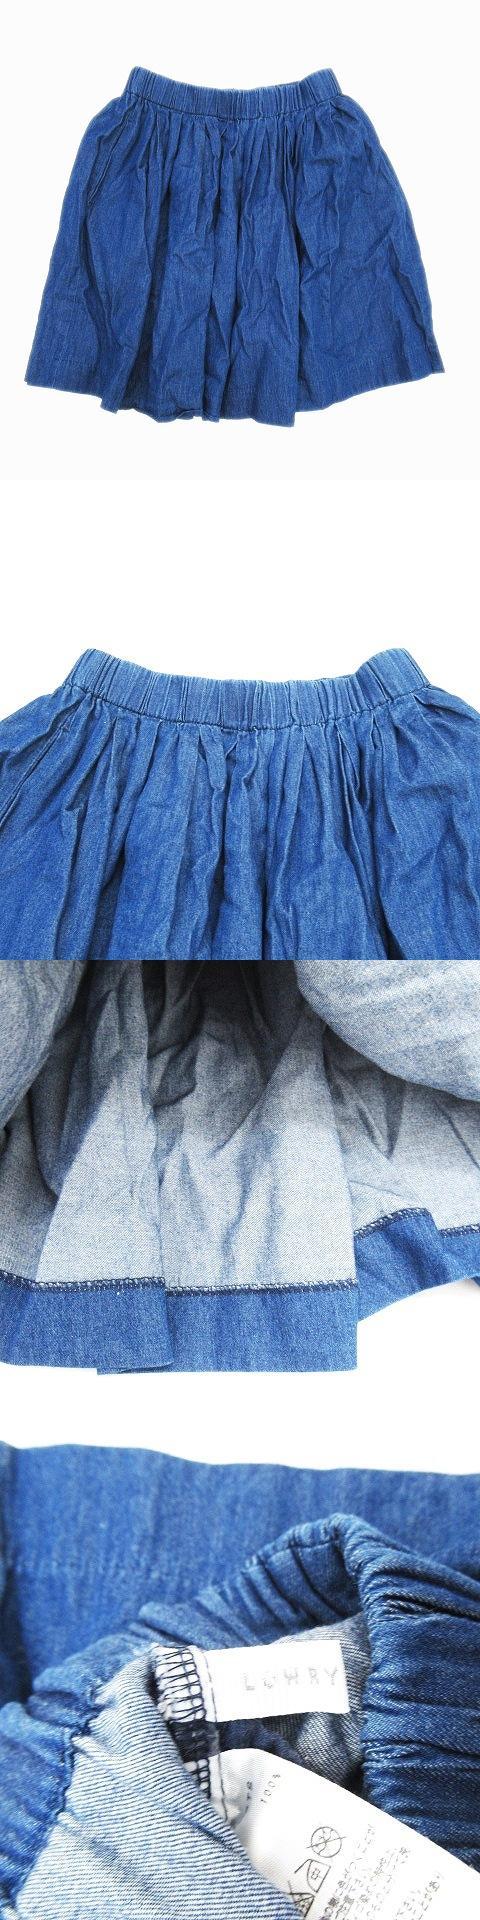 ギャザー ハーフ スカート ウエストゴム ひざ丈 F 青 ブルー レディース/r49